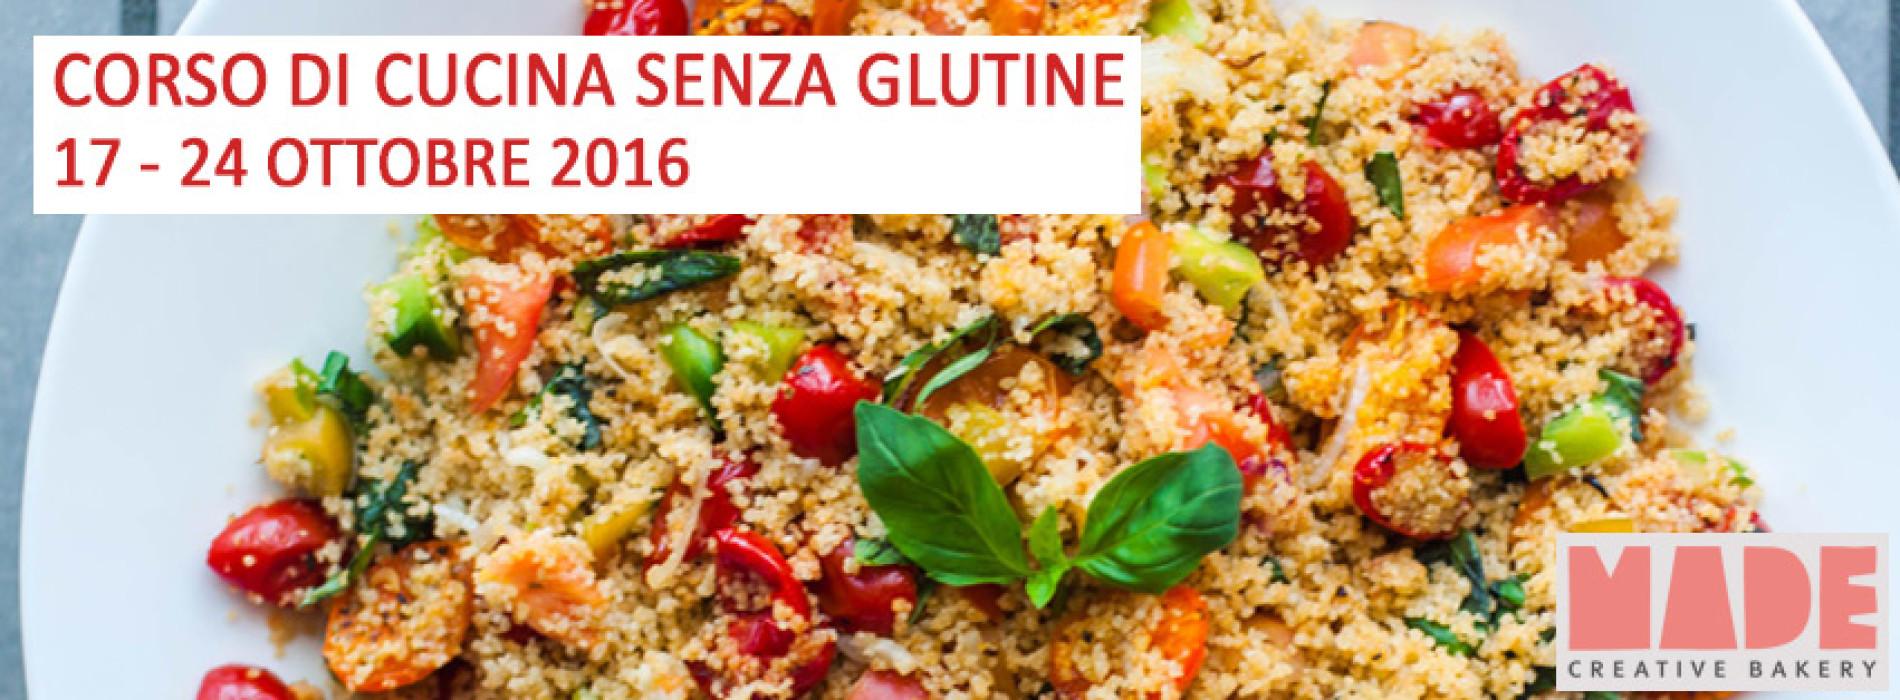 Corso di cucina senza glutine roma ottobre 2016 puntarella rossa - Corso cucina cannavacciuolo prezzo ...